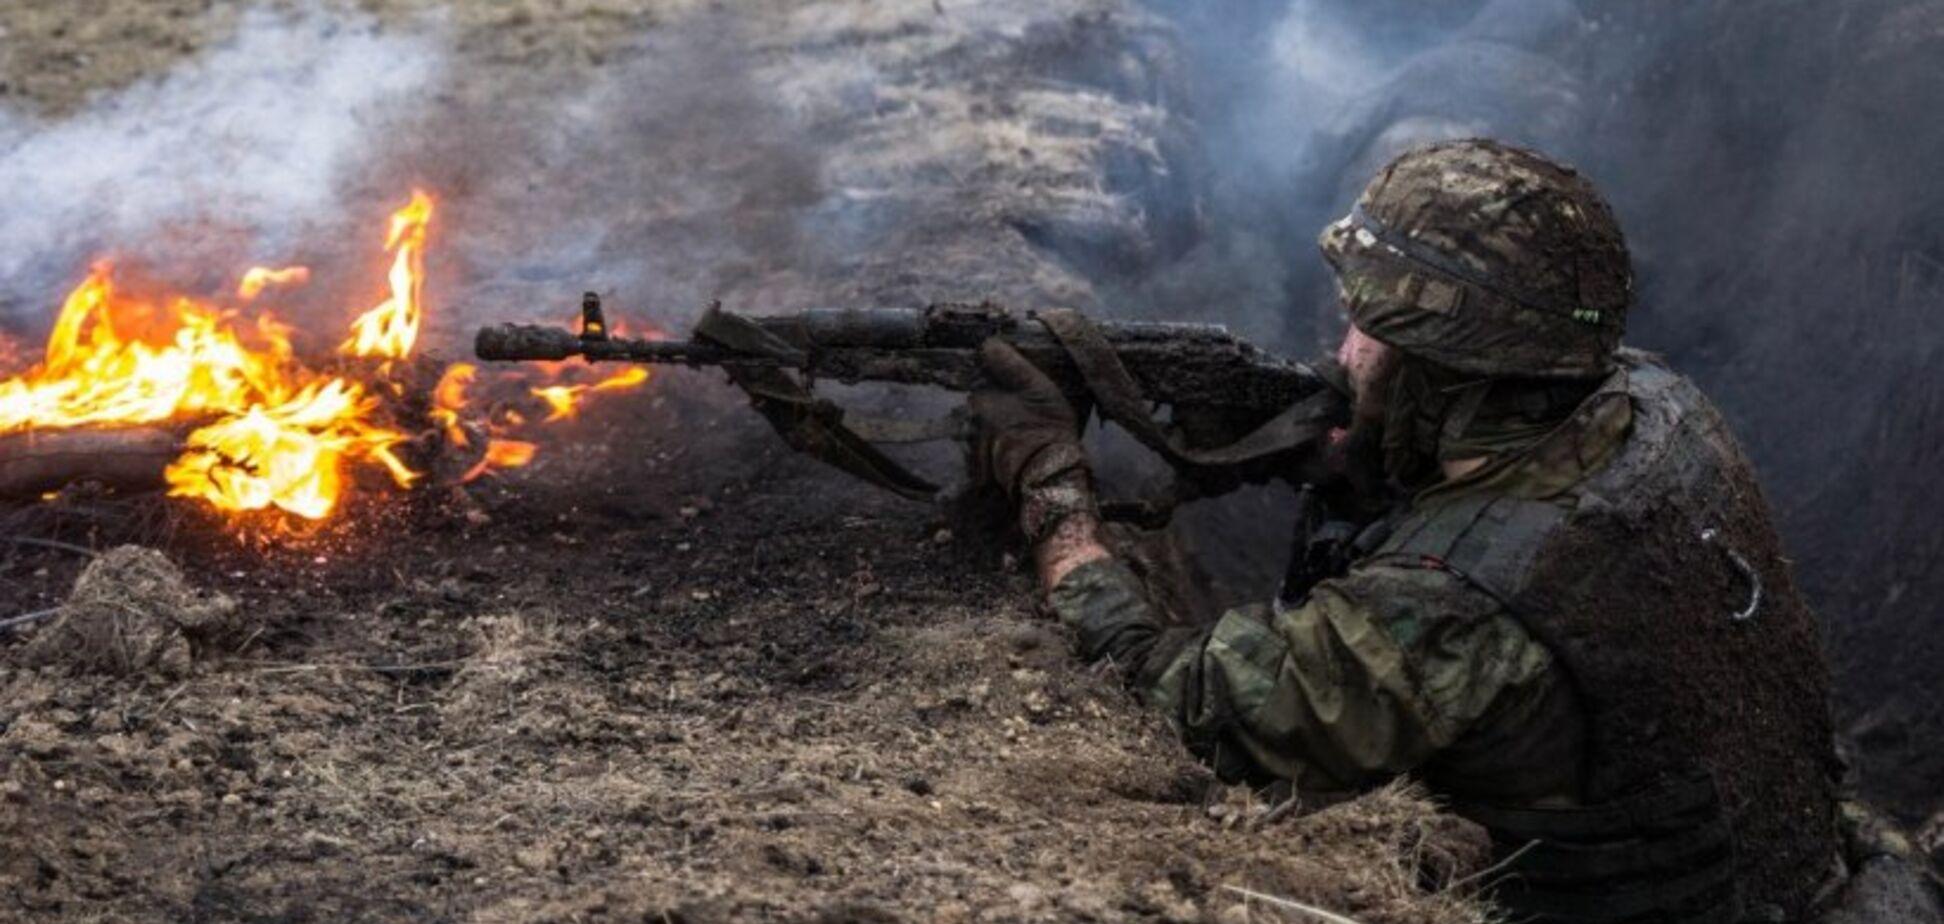 Європу дорікнули за війну на Донбасі